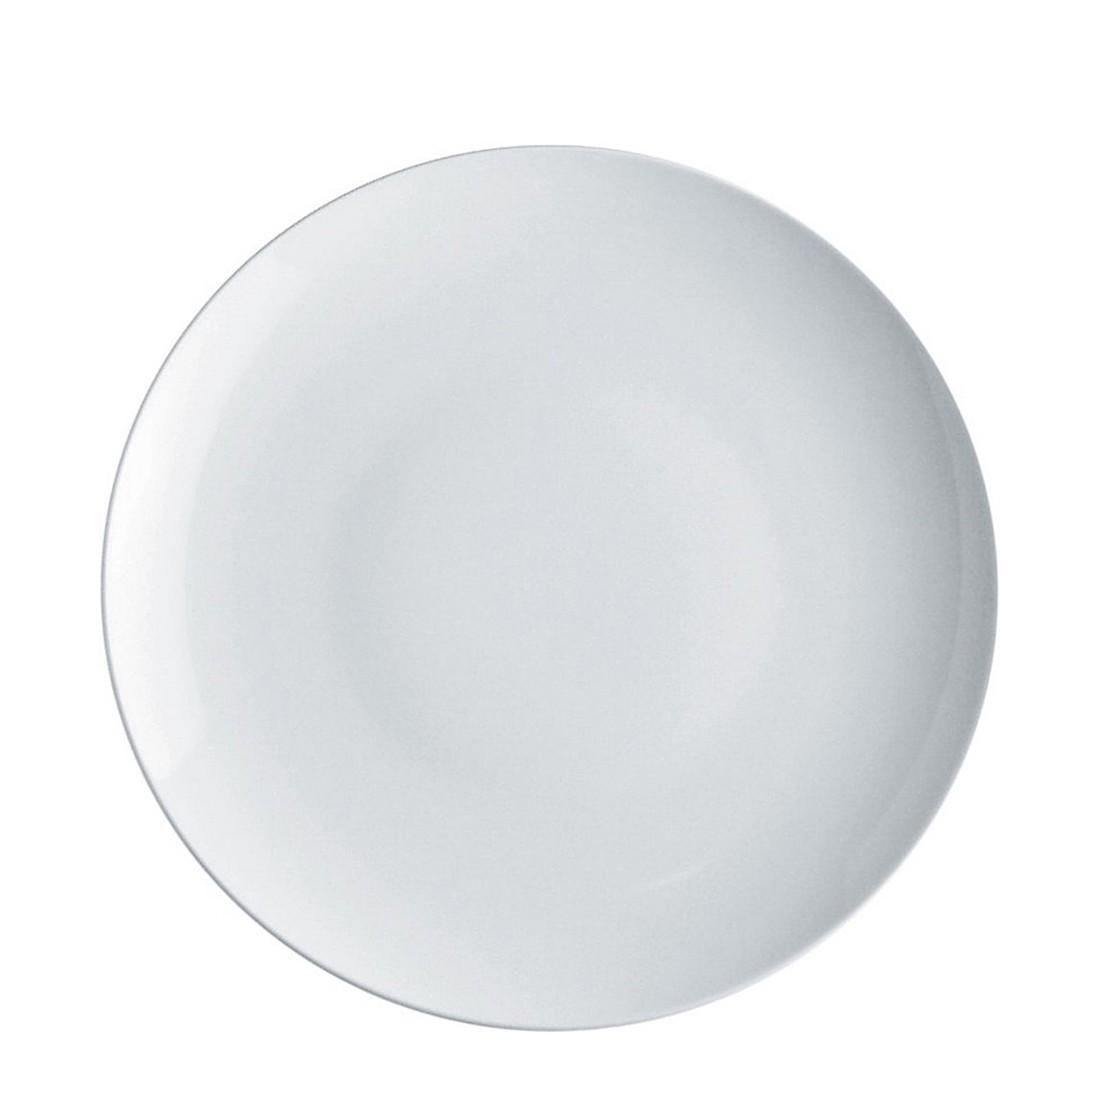 Bratenplatte Mami – rund, Alessi günstig bestellen